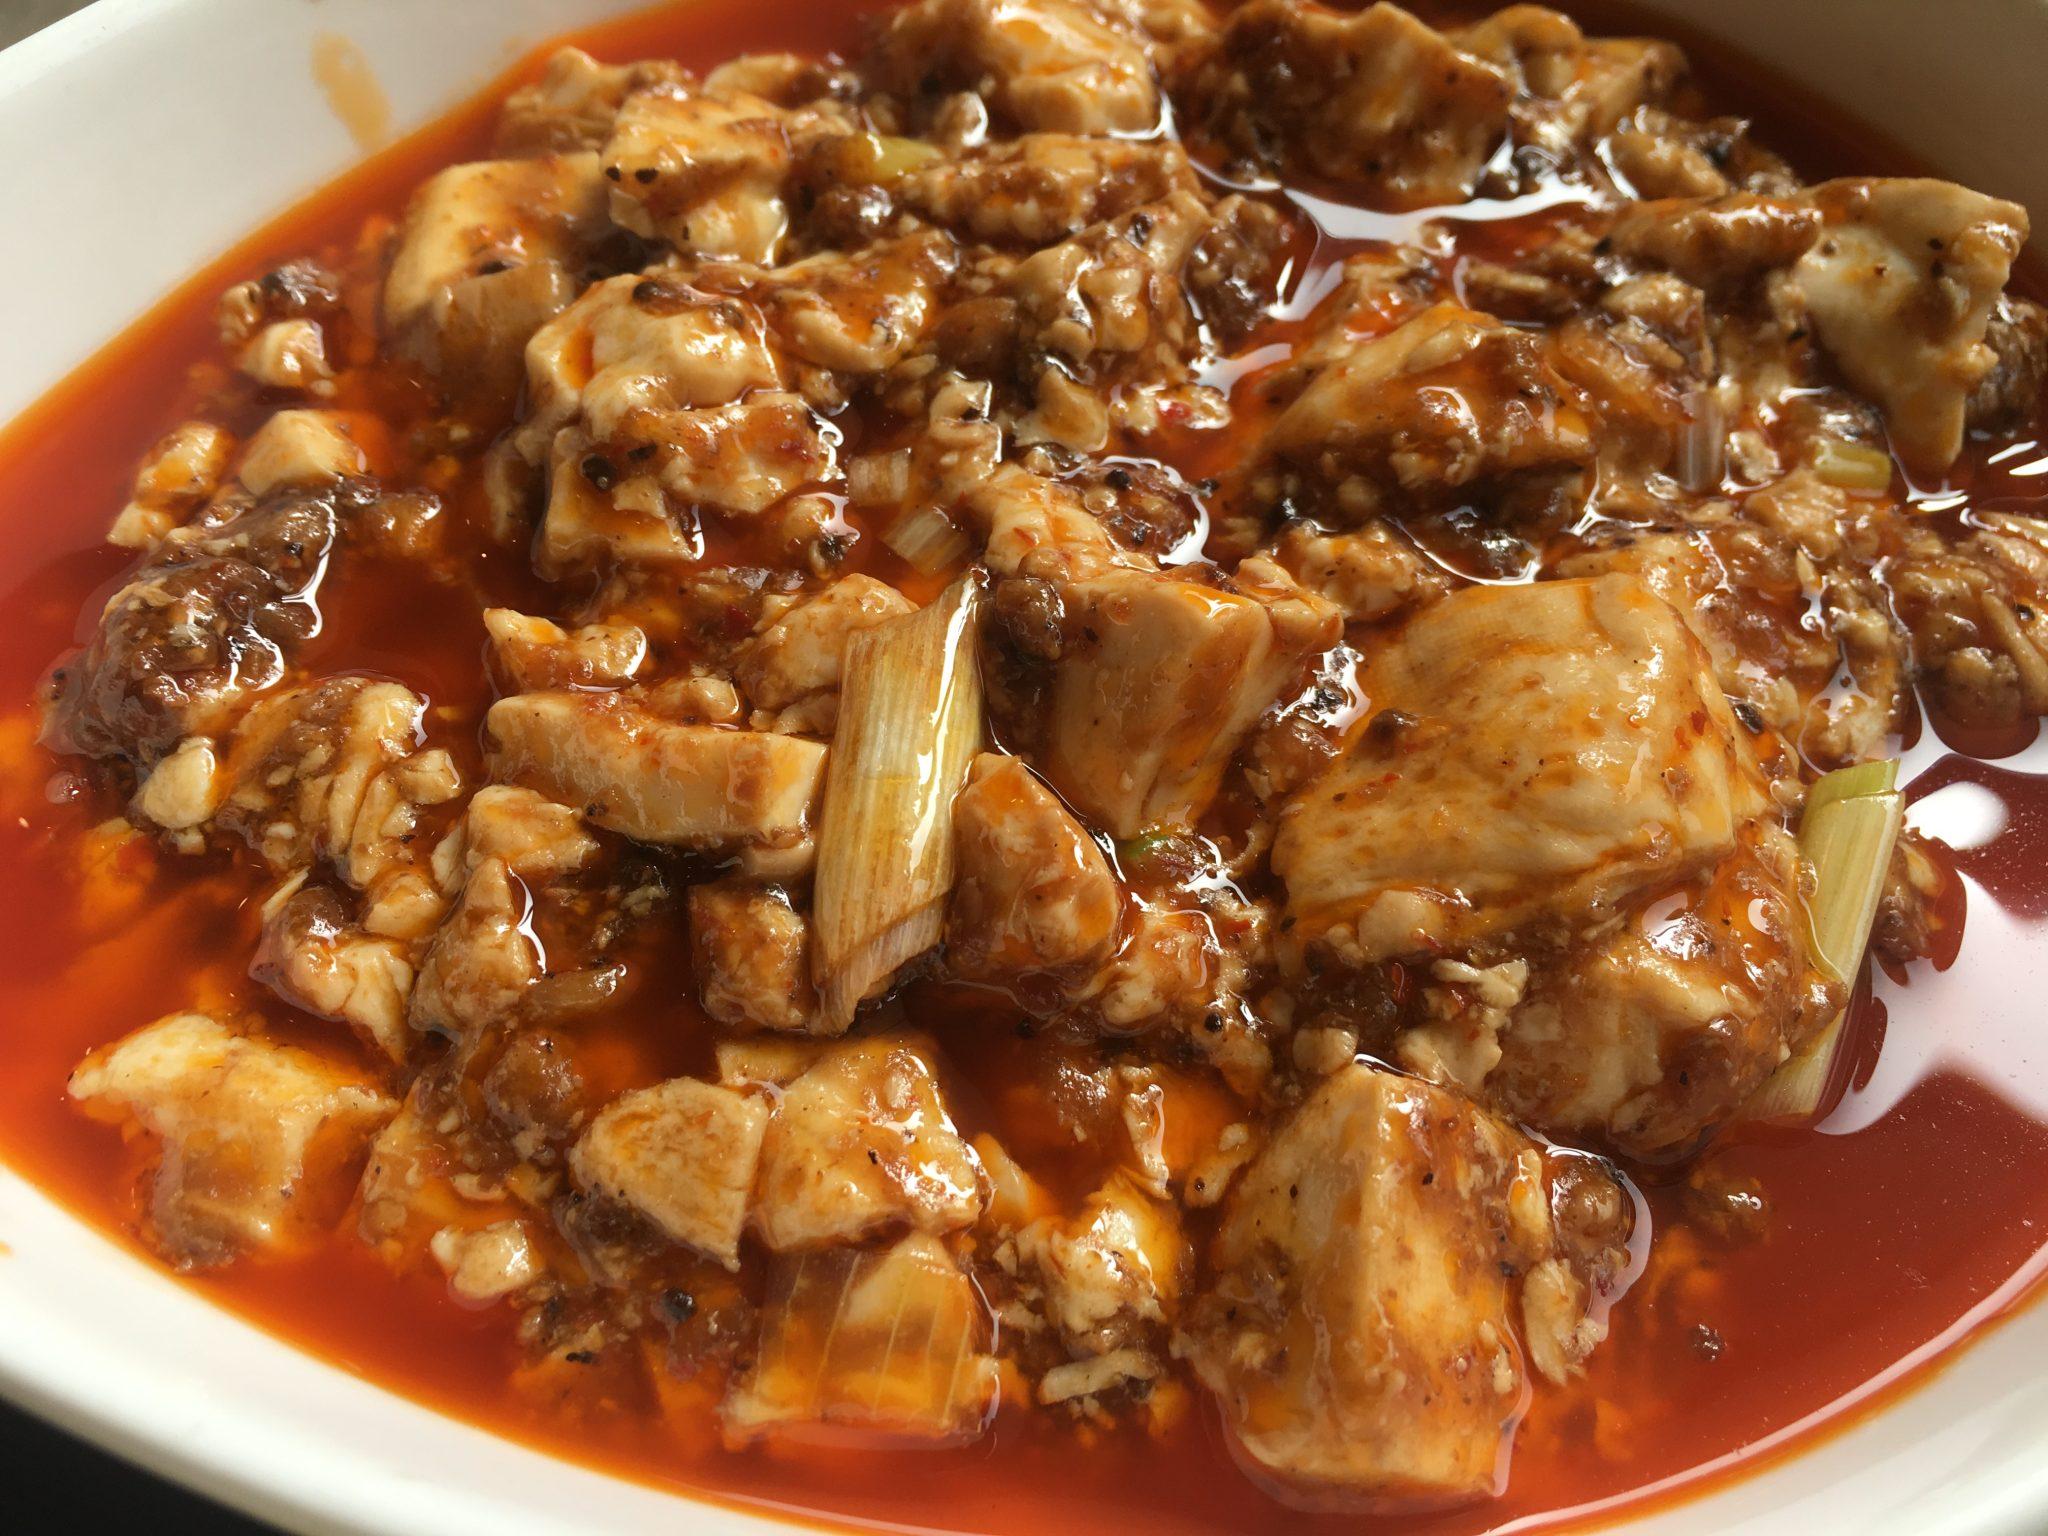 《阿南市/神龍(XENLON)》平凡な毎日にちょっとした刺激を!うま辛麻婆豆腐で温まってきました!